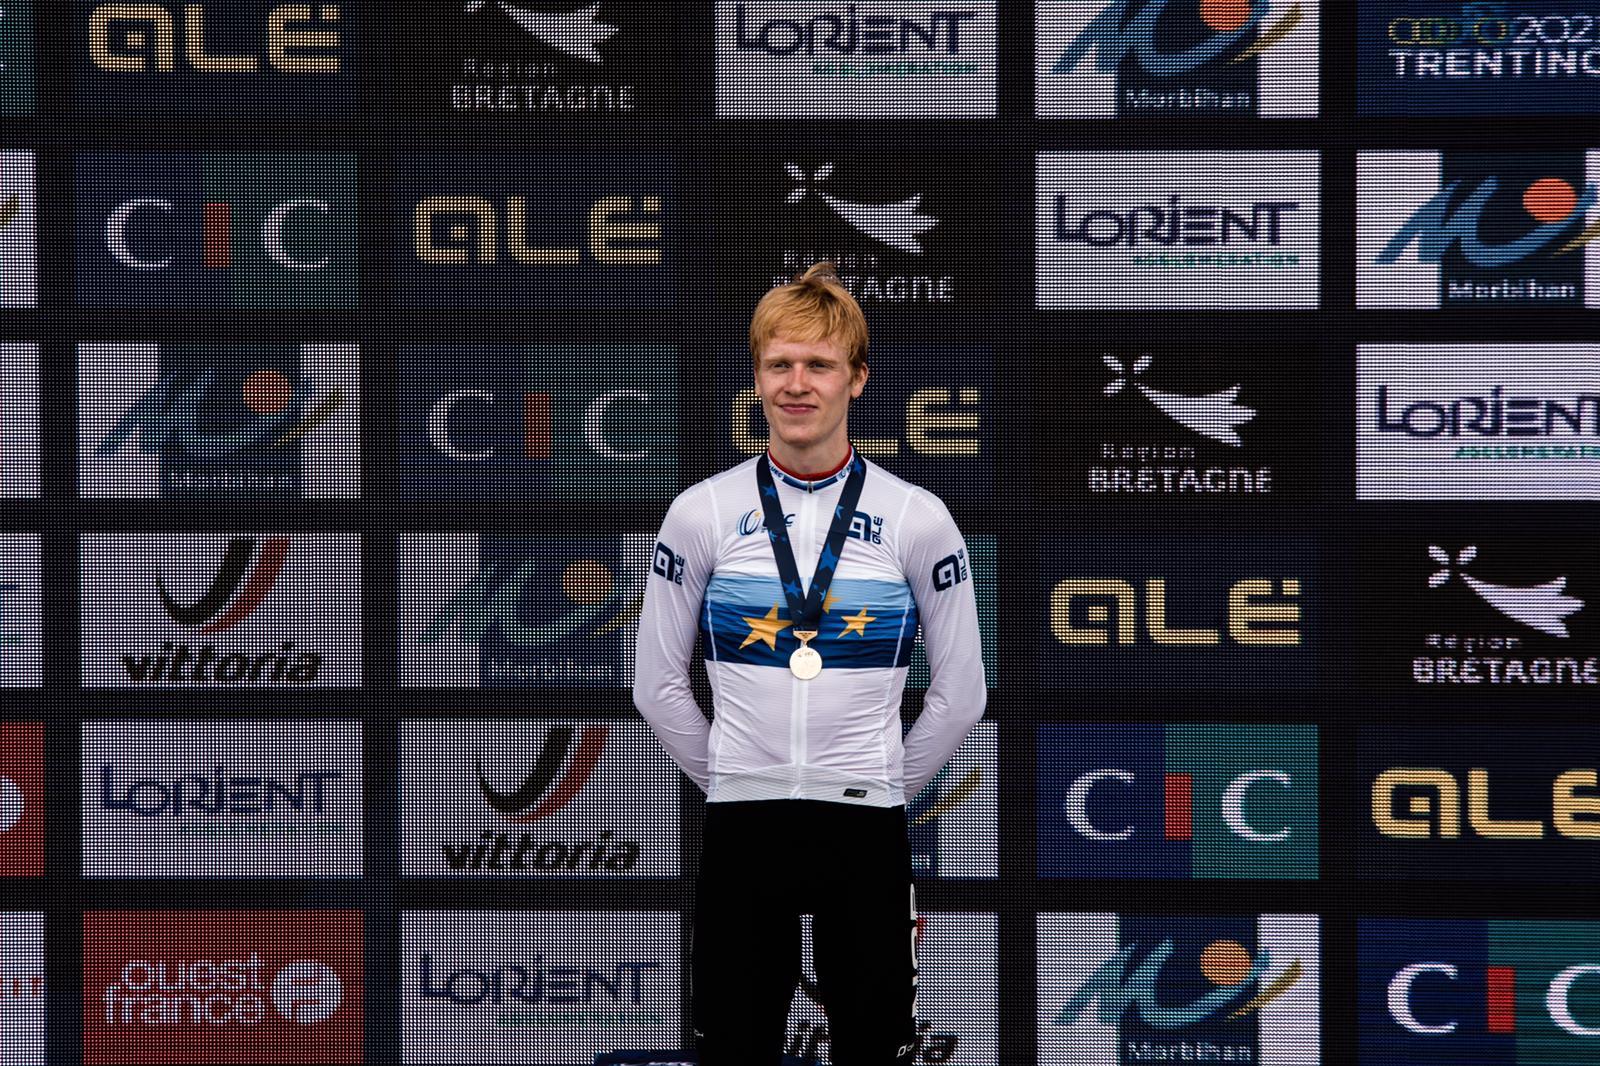 Andreas Leknessund vince il Campionato Europeo a cronometro Under 23 2020 (foto Twila Muzzi)